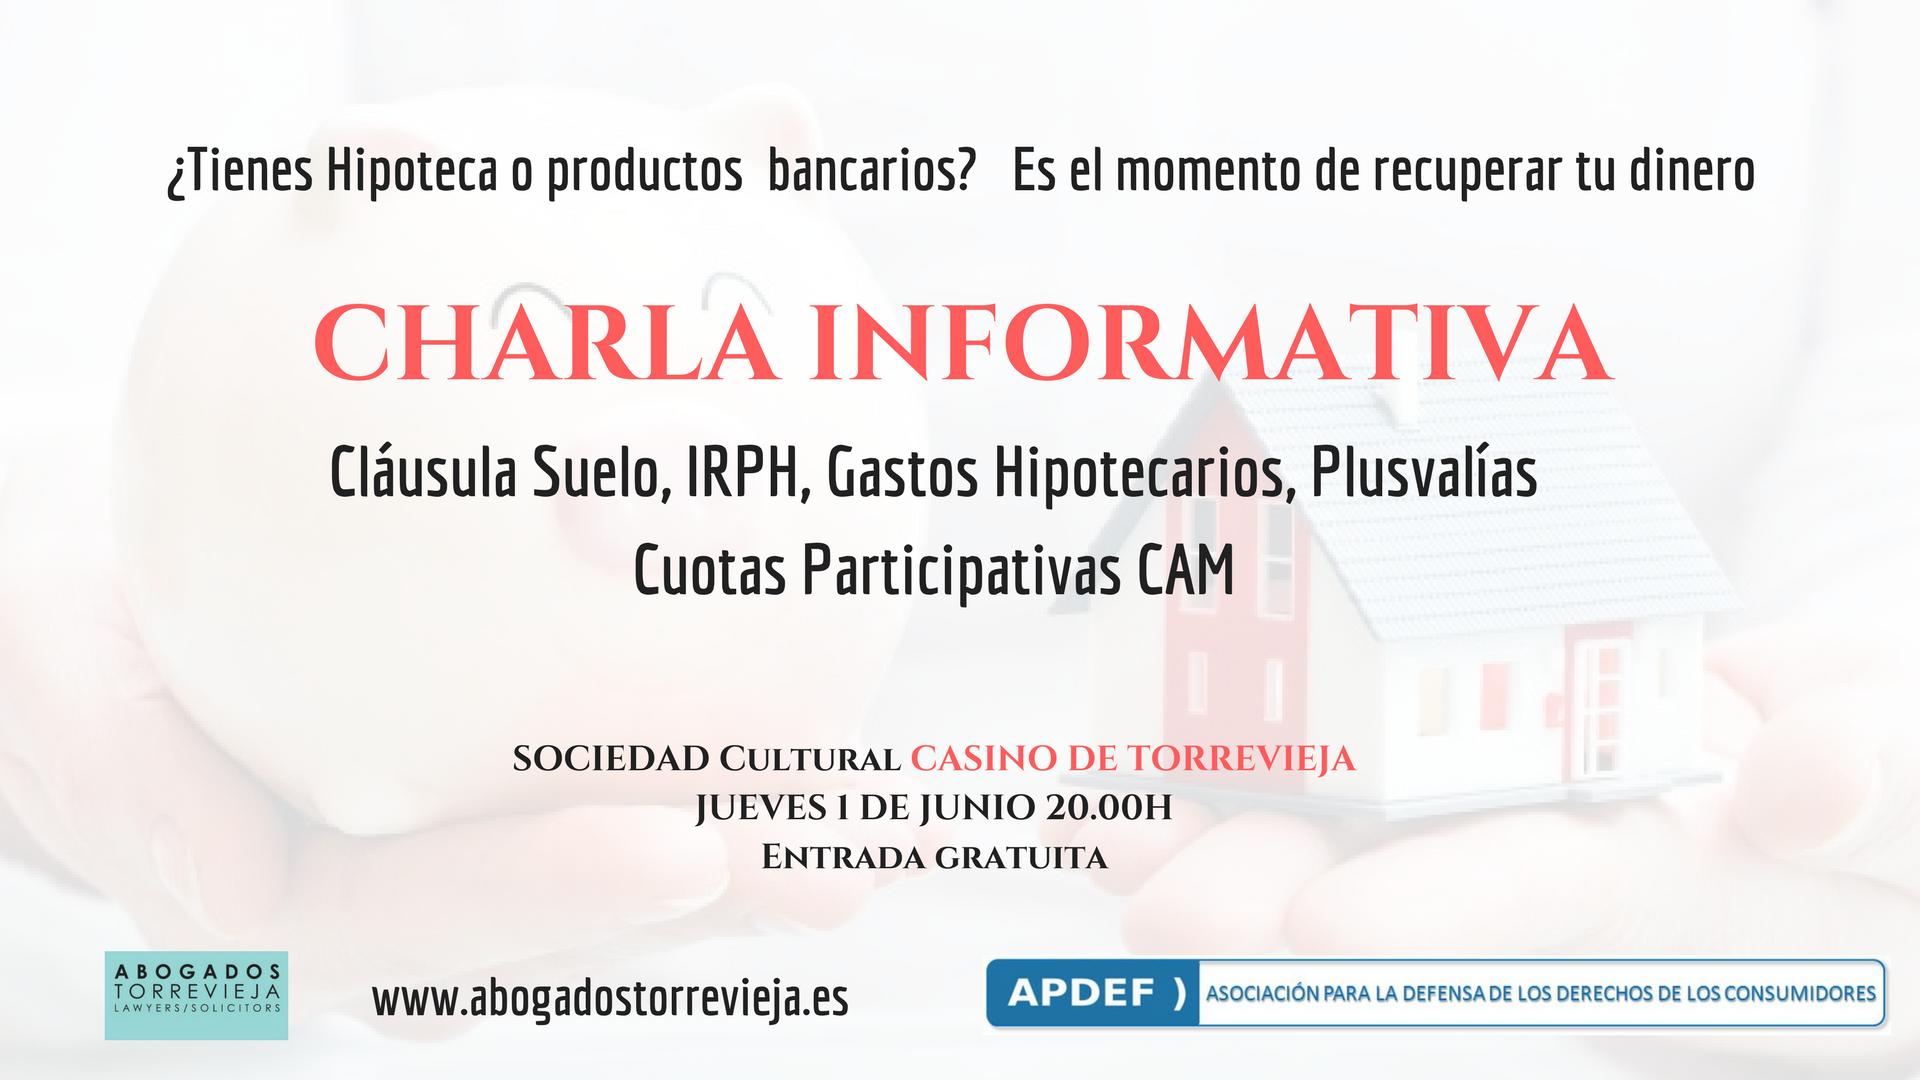 Apdef Ofrecer En Torrevieja Una Charla Informativa Sobre